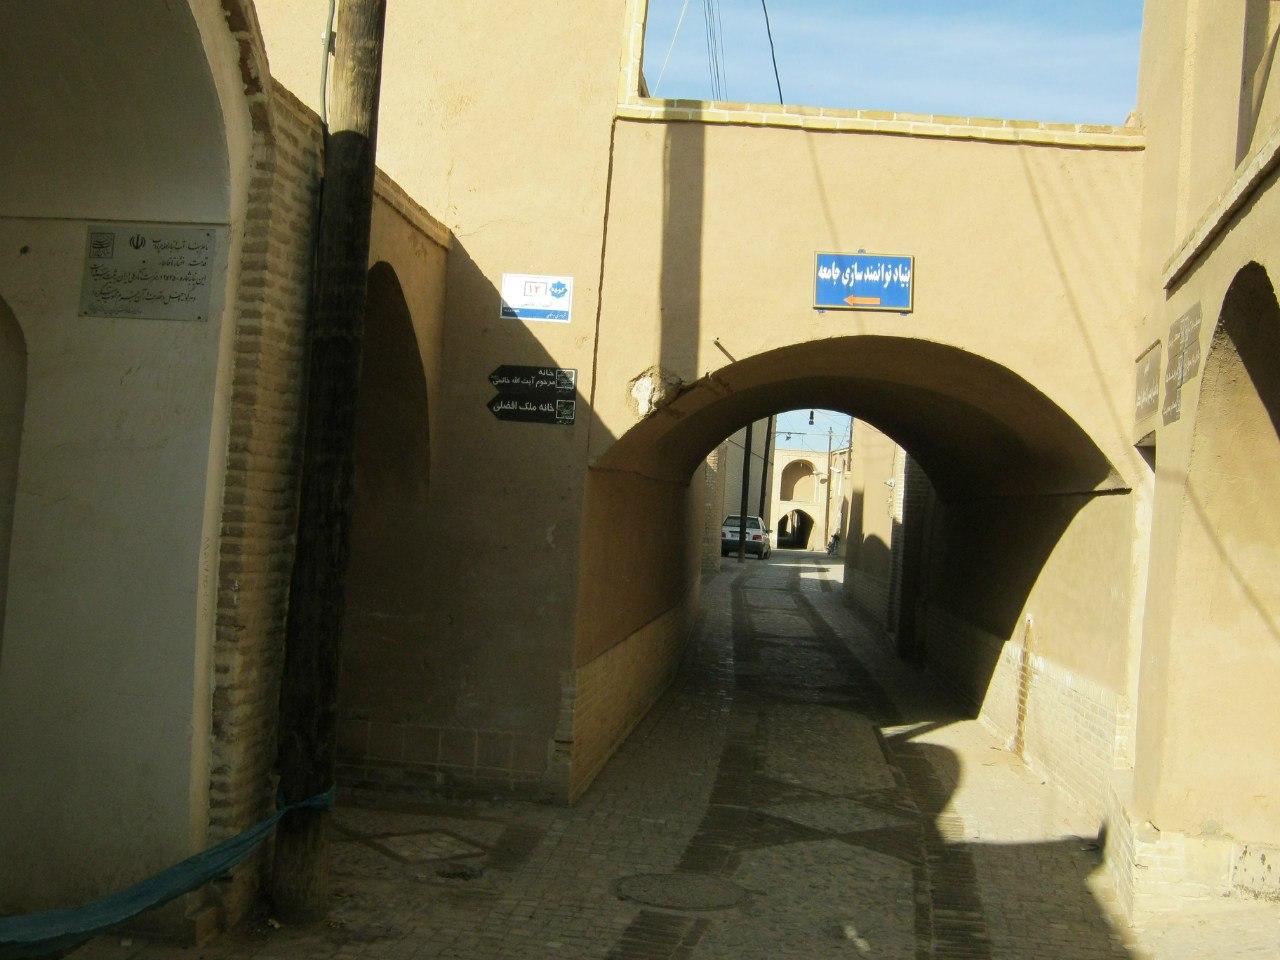 перекрёсток улиц-туннелей в Язд